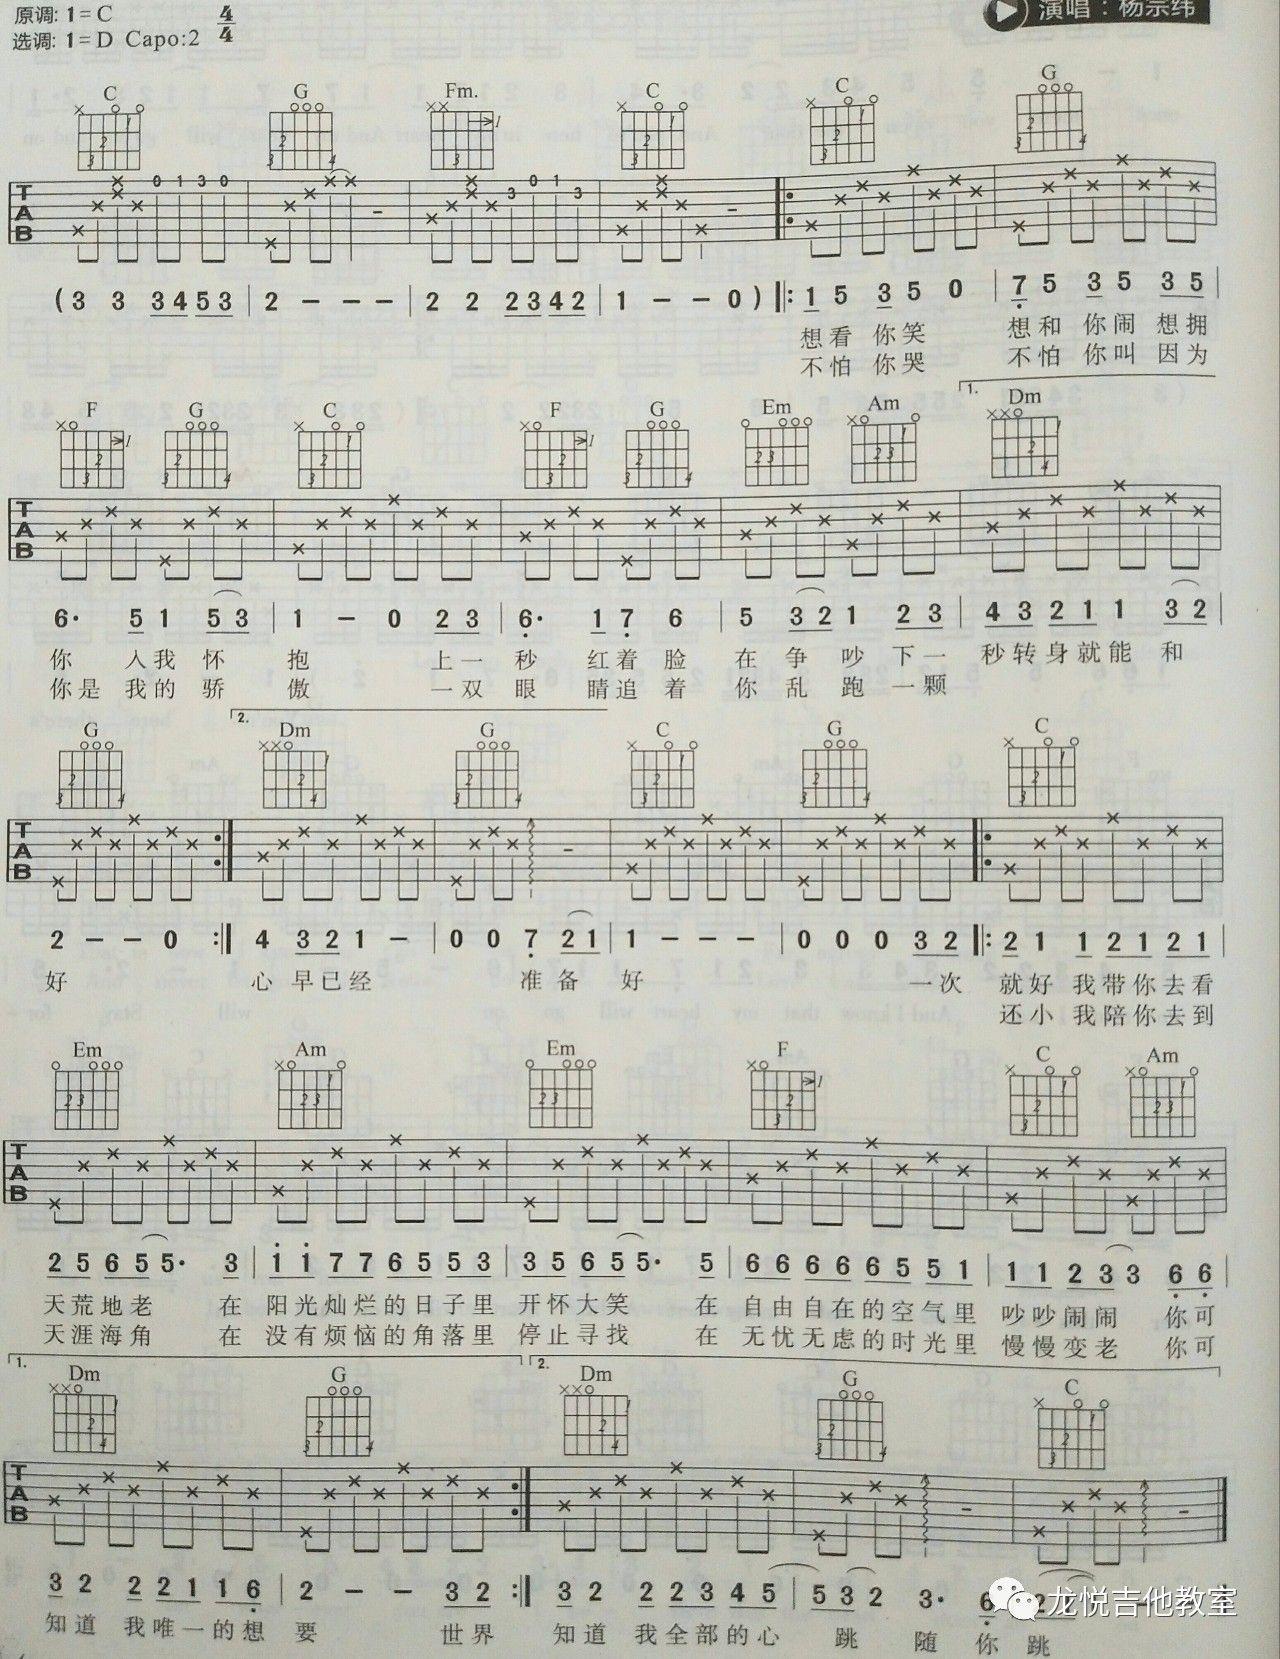 战老师吉他入门教学基础教程第十五课